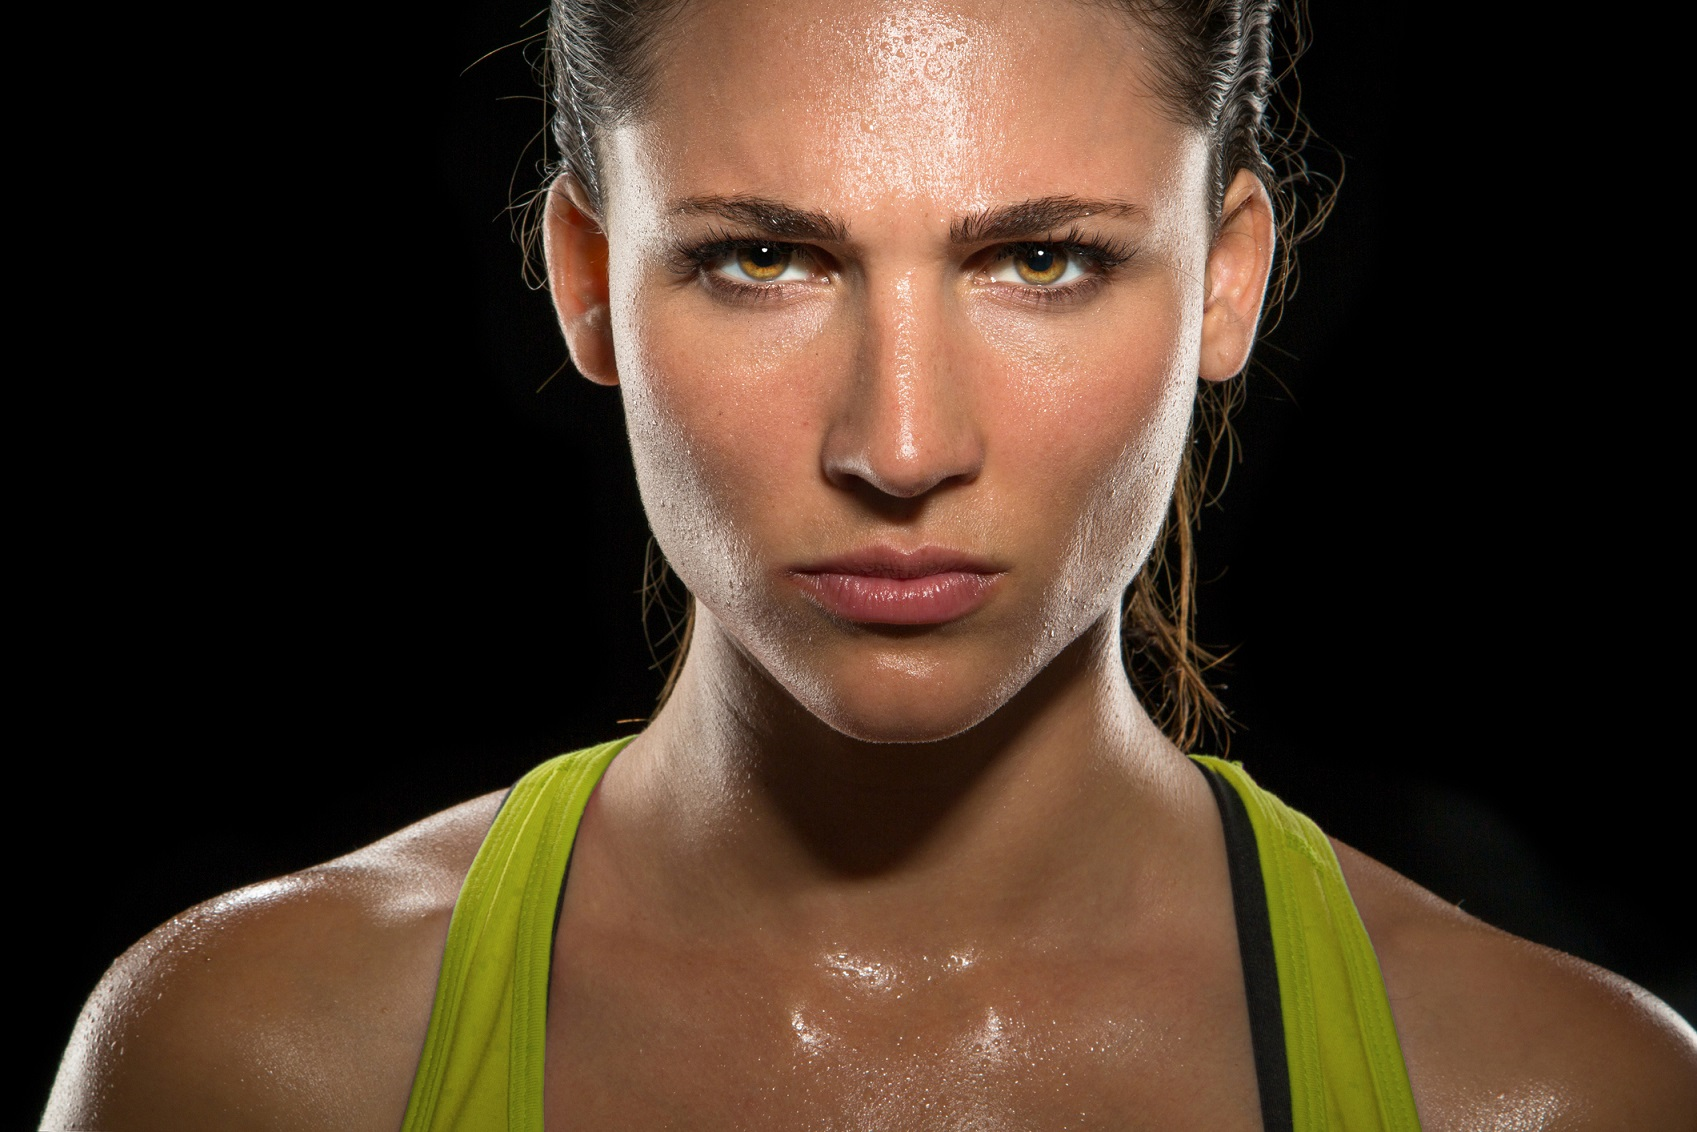 「怒り」は体にどんな影響を与える?脳科学から見た、スポーツと怒りの関係(前編)